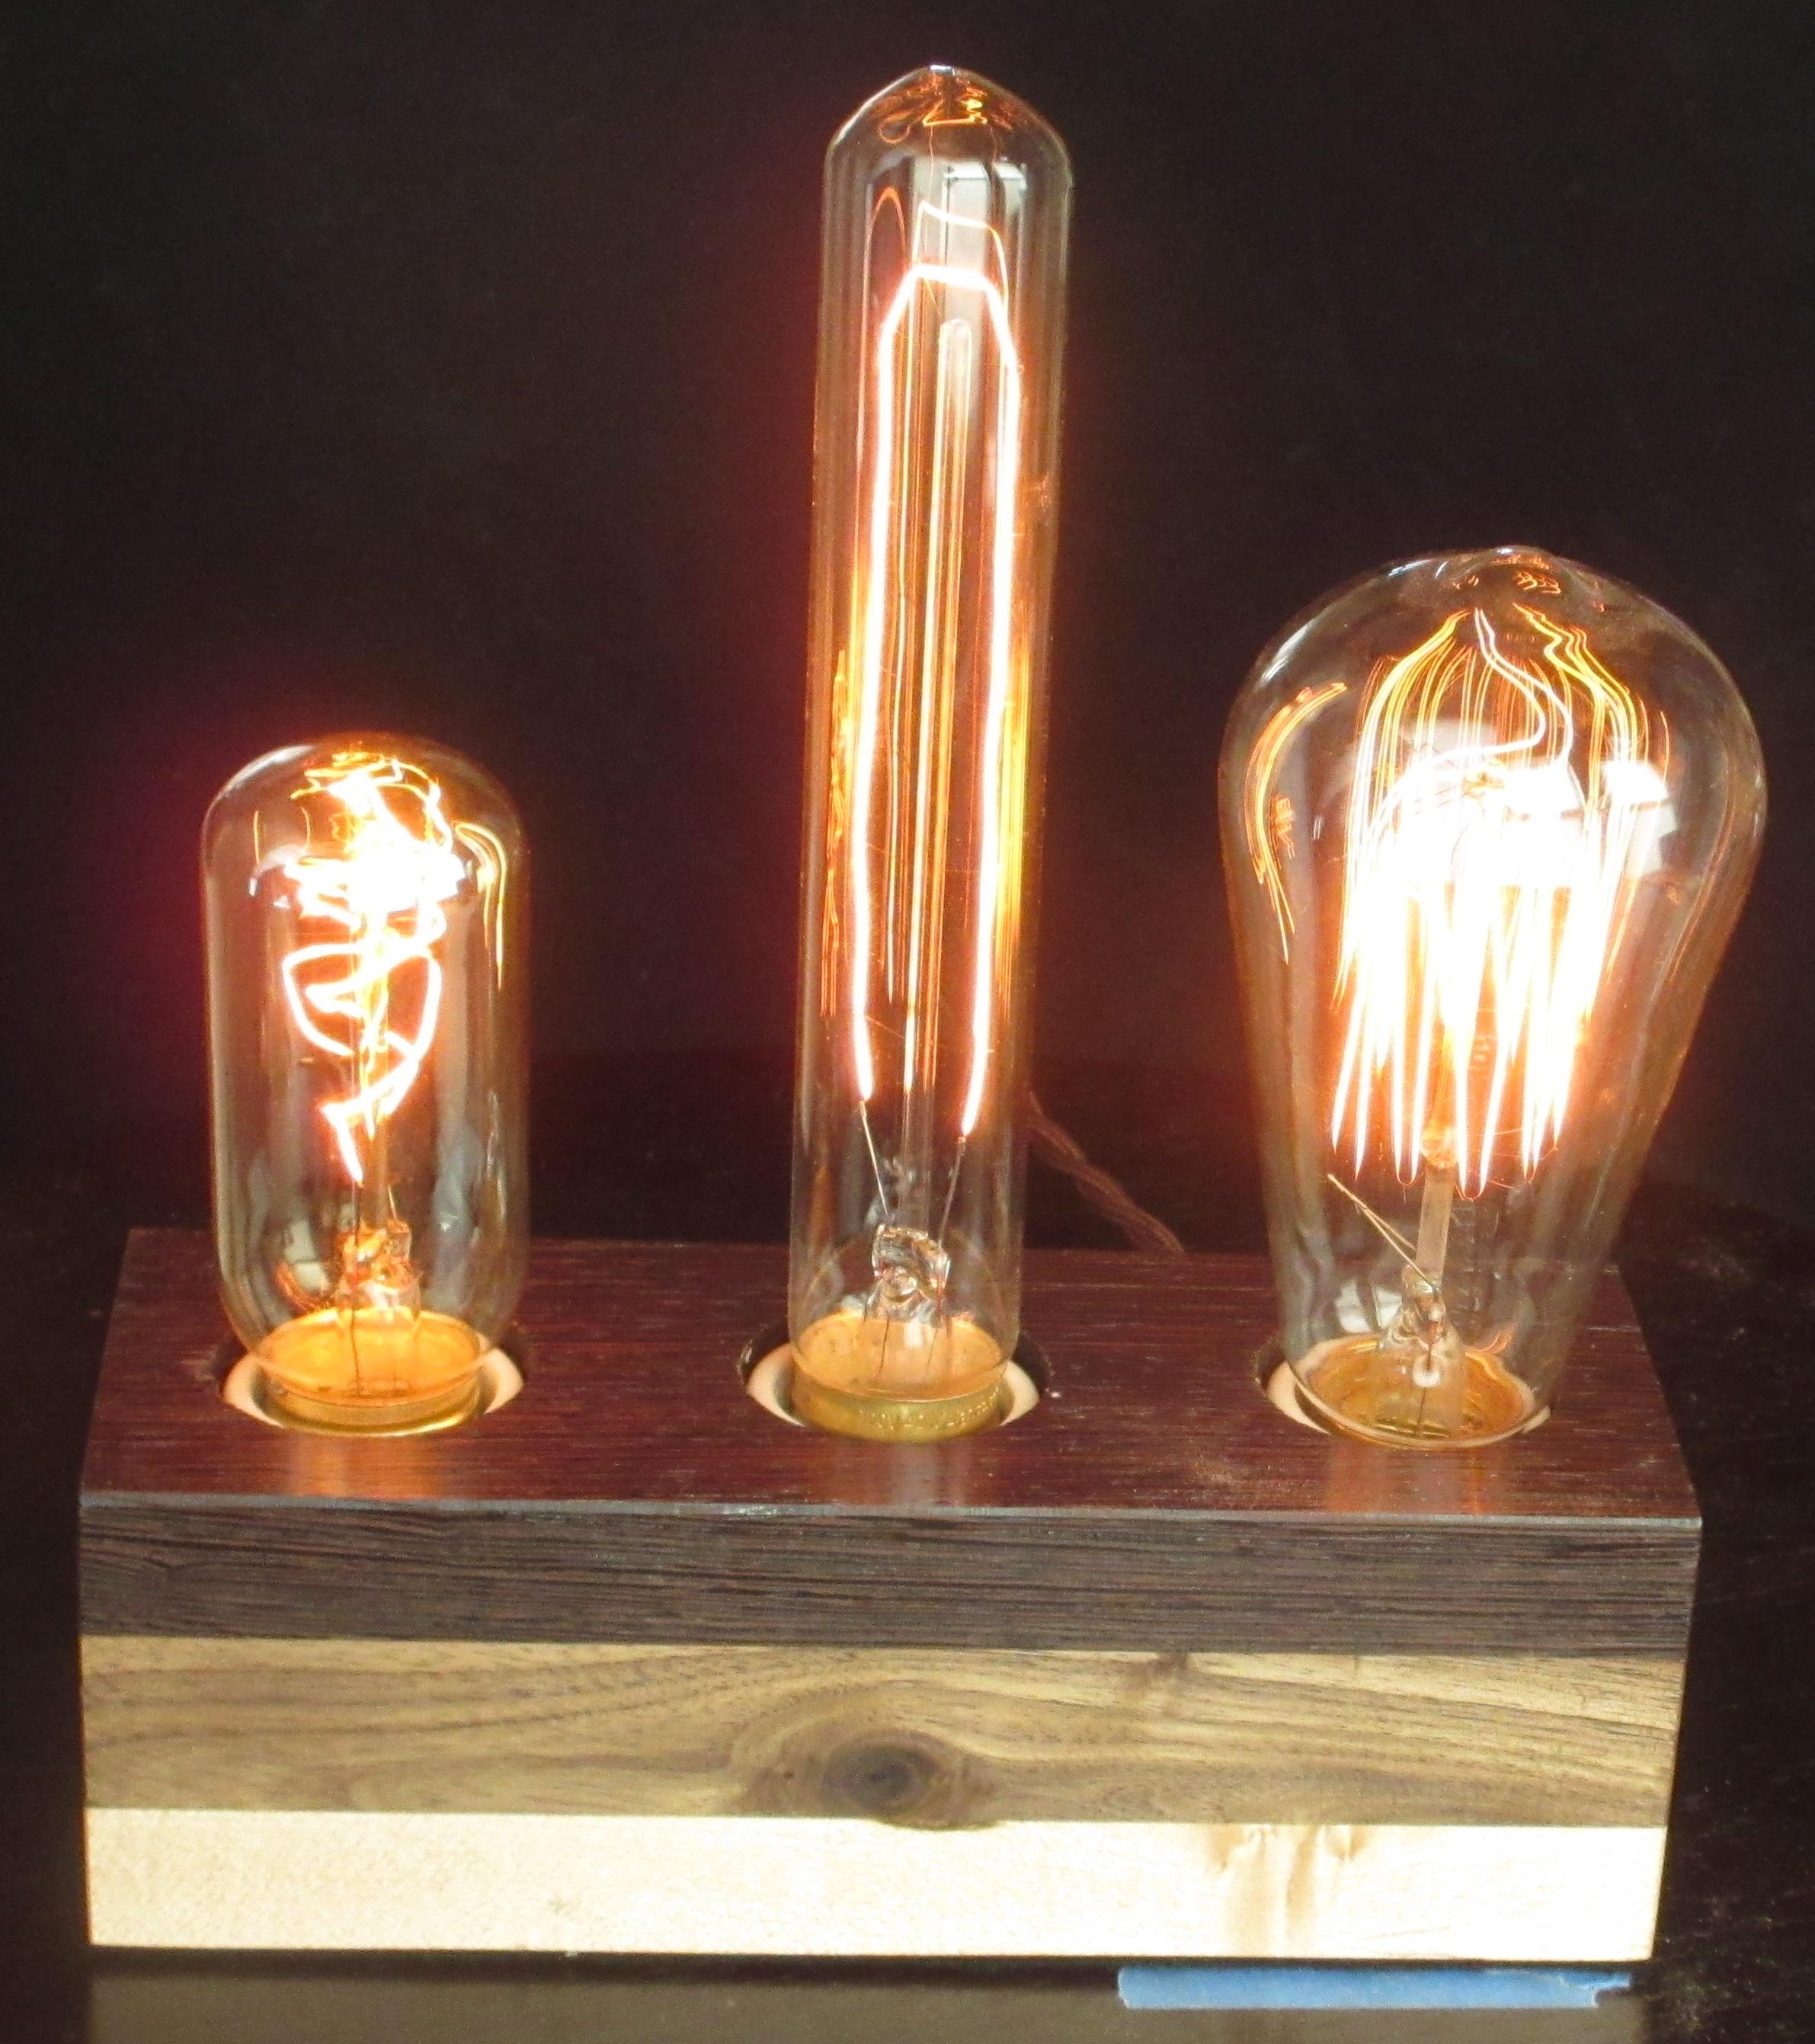 Wenge, Walnut, & Maple - 3 lamps